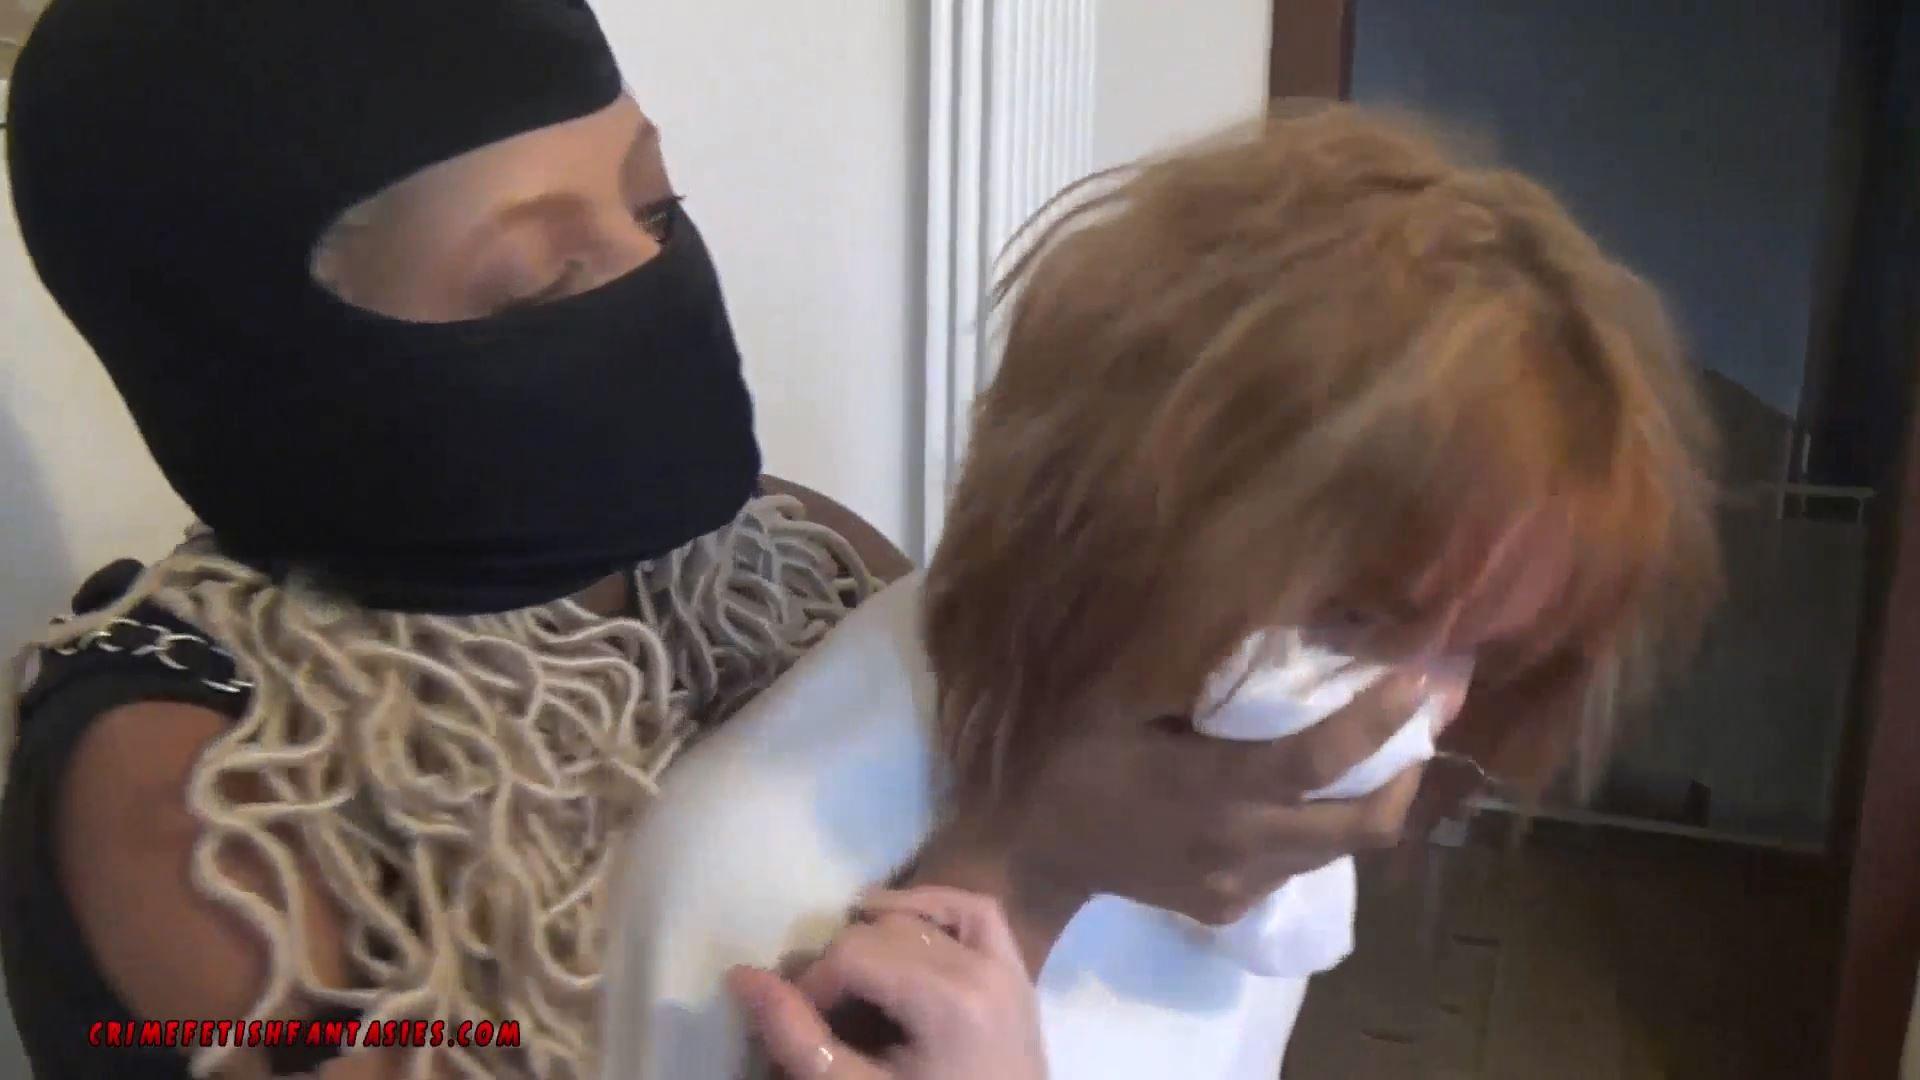 MERYL CHLOROFORMED BY A MASKED WOMAN 2 - CRIMEFETISHFANTASIES - CHLOROFORM FANTASY - FULL HD/1080p/MP4